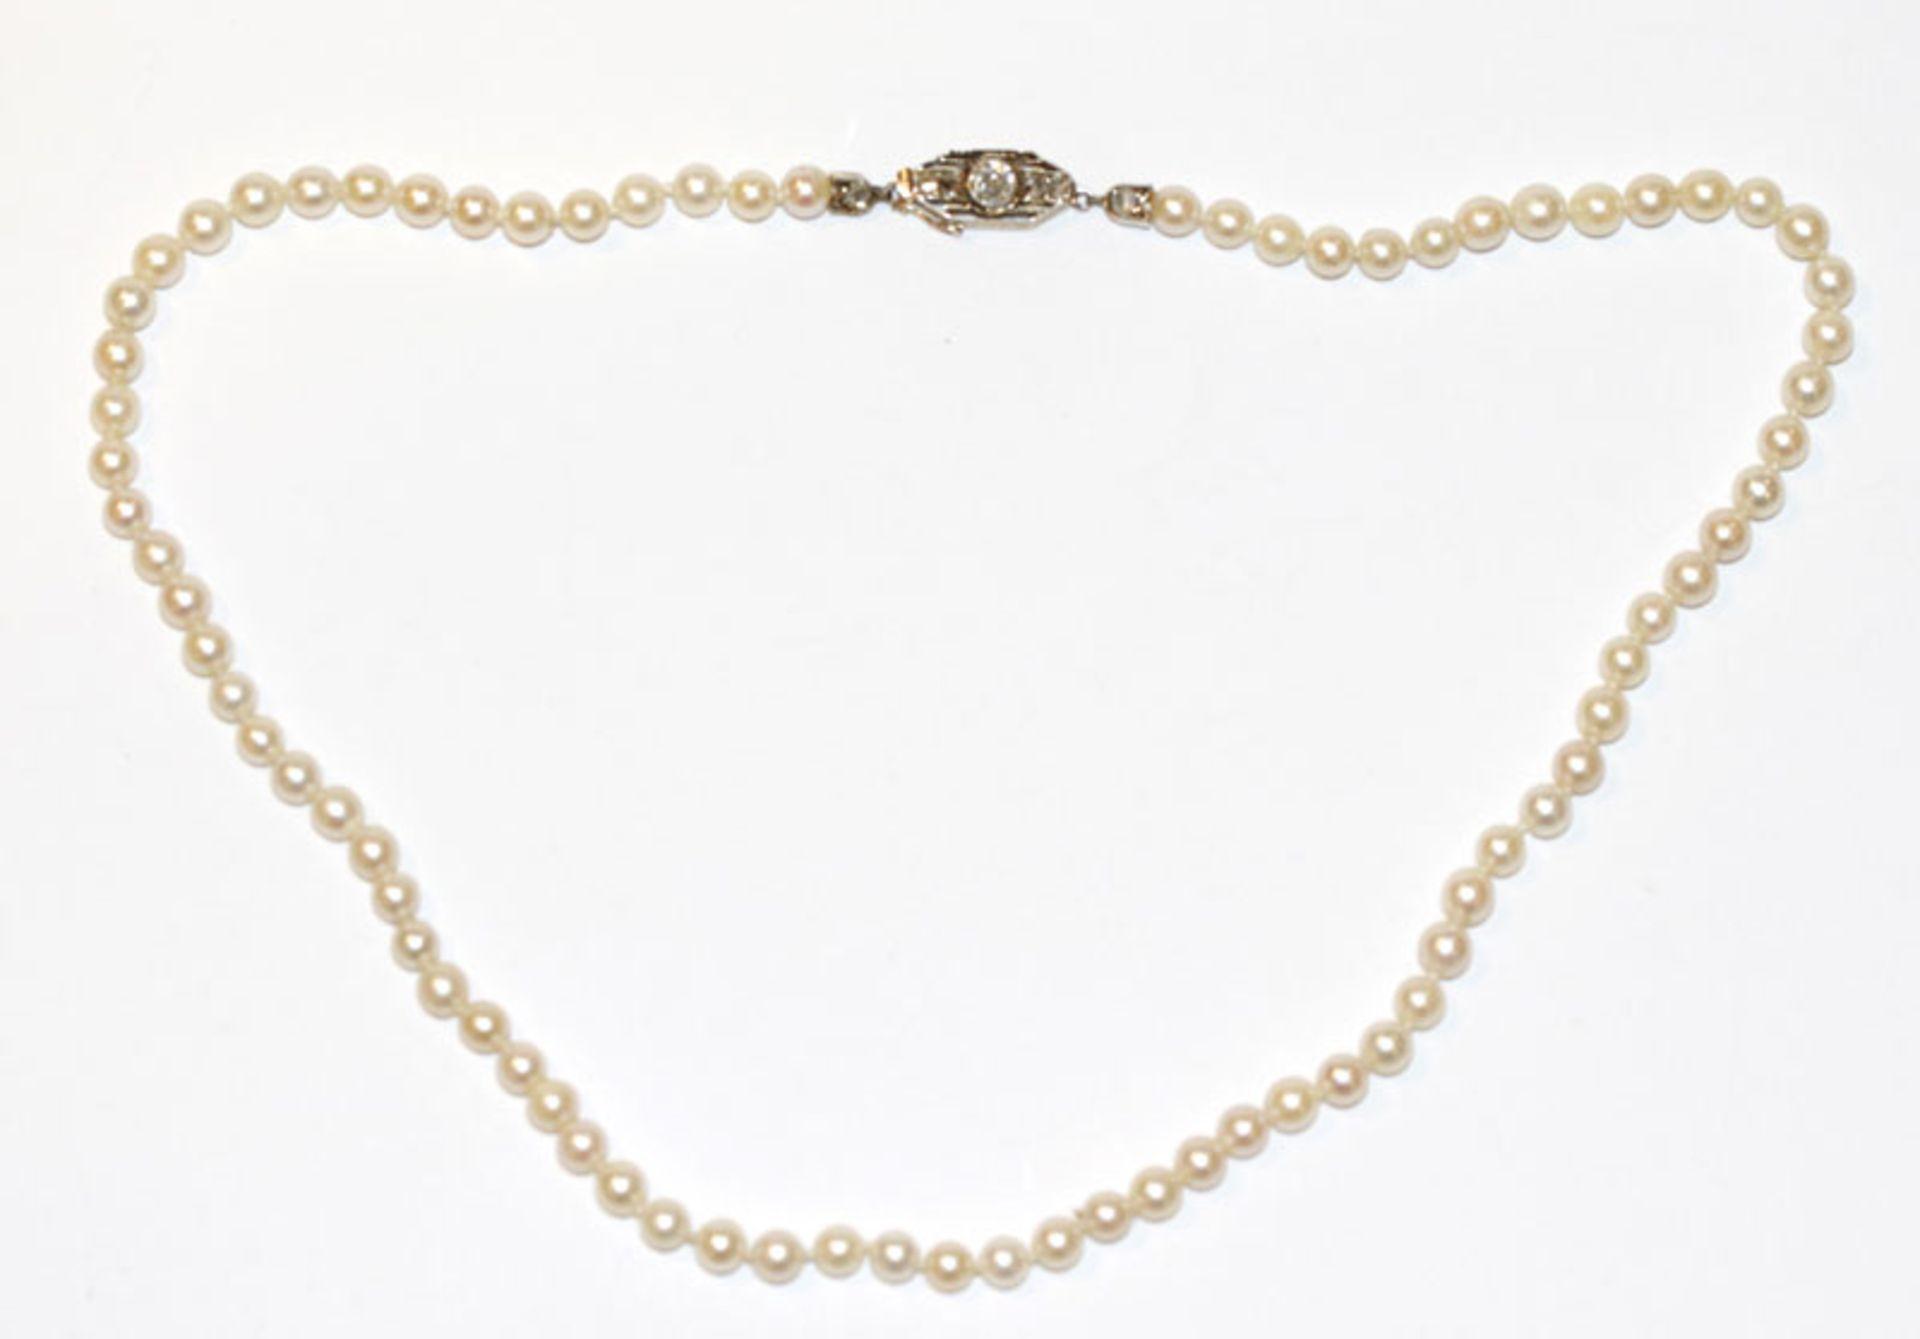 Perlenkette mit 14 k Gelbgoldschließe, besetzt mit Altschliff Diamanten, Mittelstein ca. 0,15 ct., L